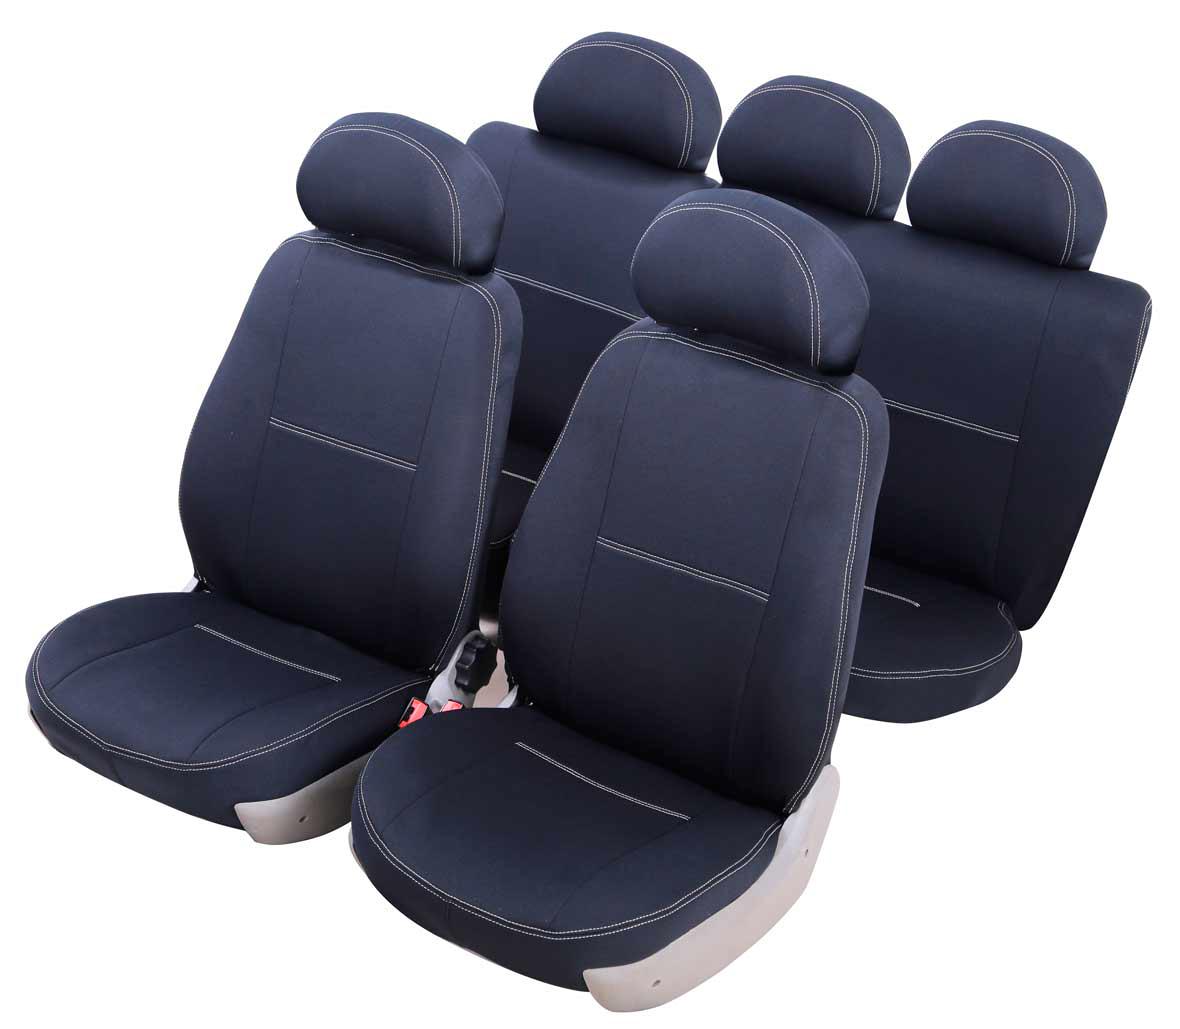 Чехол на автокресло Azard Standard, для Lada 2170 Priora (2007-н.в.), седанYF77146Модельные чехлы из полиэстера Azard Standard. Разработаны в РФ индивидуально для каждого автомобиля.Чехлы Azard Standard серийно выпускаются на собственном швейном производстве в России.Чехлы идеально повторяют штатную форму сидений и выглядят как оригинальная обивка сидений. Для простоты установки используется липучка Velcro, учтены все технологические отверстия.Чехлы сохраняют полную функциональность салона – трасформация сидений, возможность установки детских кресел ISOFIX, не препятствуют работе подушек безопасности AIRBAG и подогрева сидений.Дизайн чехлов Azard Standard приближен к оригинальной обивке салона. Декоративная контрастная прострочка по периметру авточехлов придает стильный и изысканный внешний вид интерьеру автомобиля.Чехлы Azard Standard изготовлены из полиэстера, триплированного огнеупорным поролоном толщиной 3 мм, за счет чего чехол приобретает дополнительную мягкость. Подложка из спандбонда сохраняет свойства поролона и предотвращает его разрушение.Авточехлы Azard Standard просты в уходе – загрязнения легко удаляются влажной тканью.